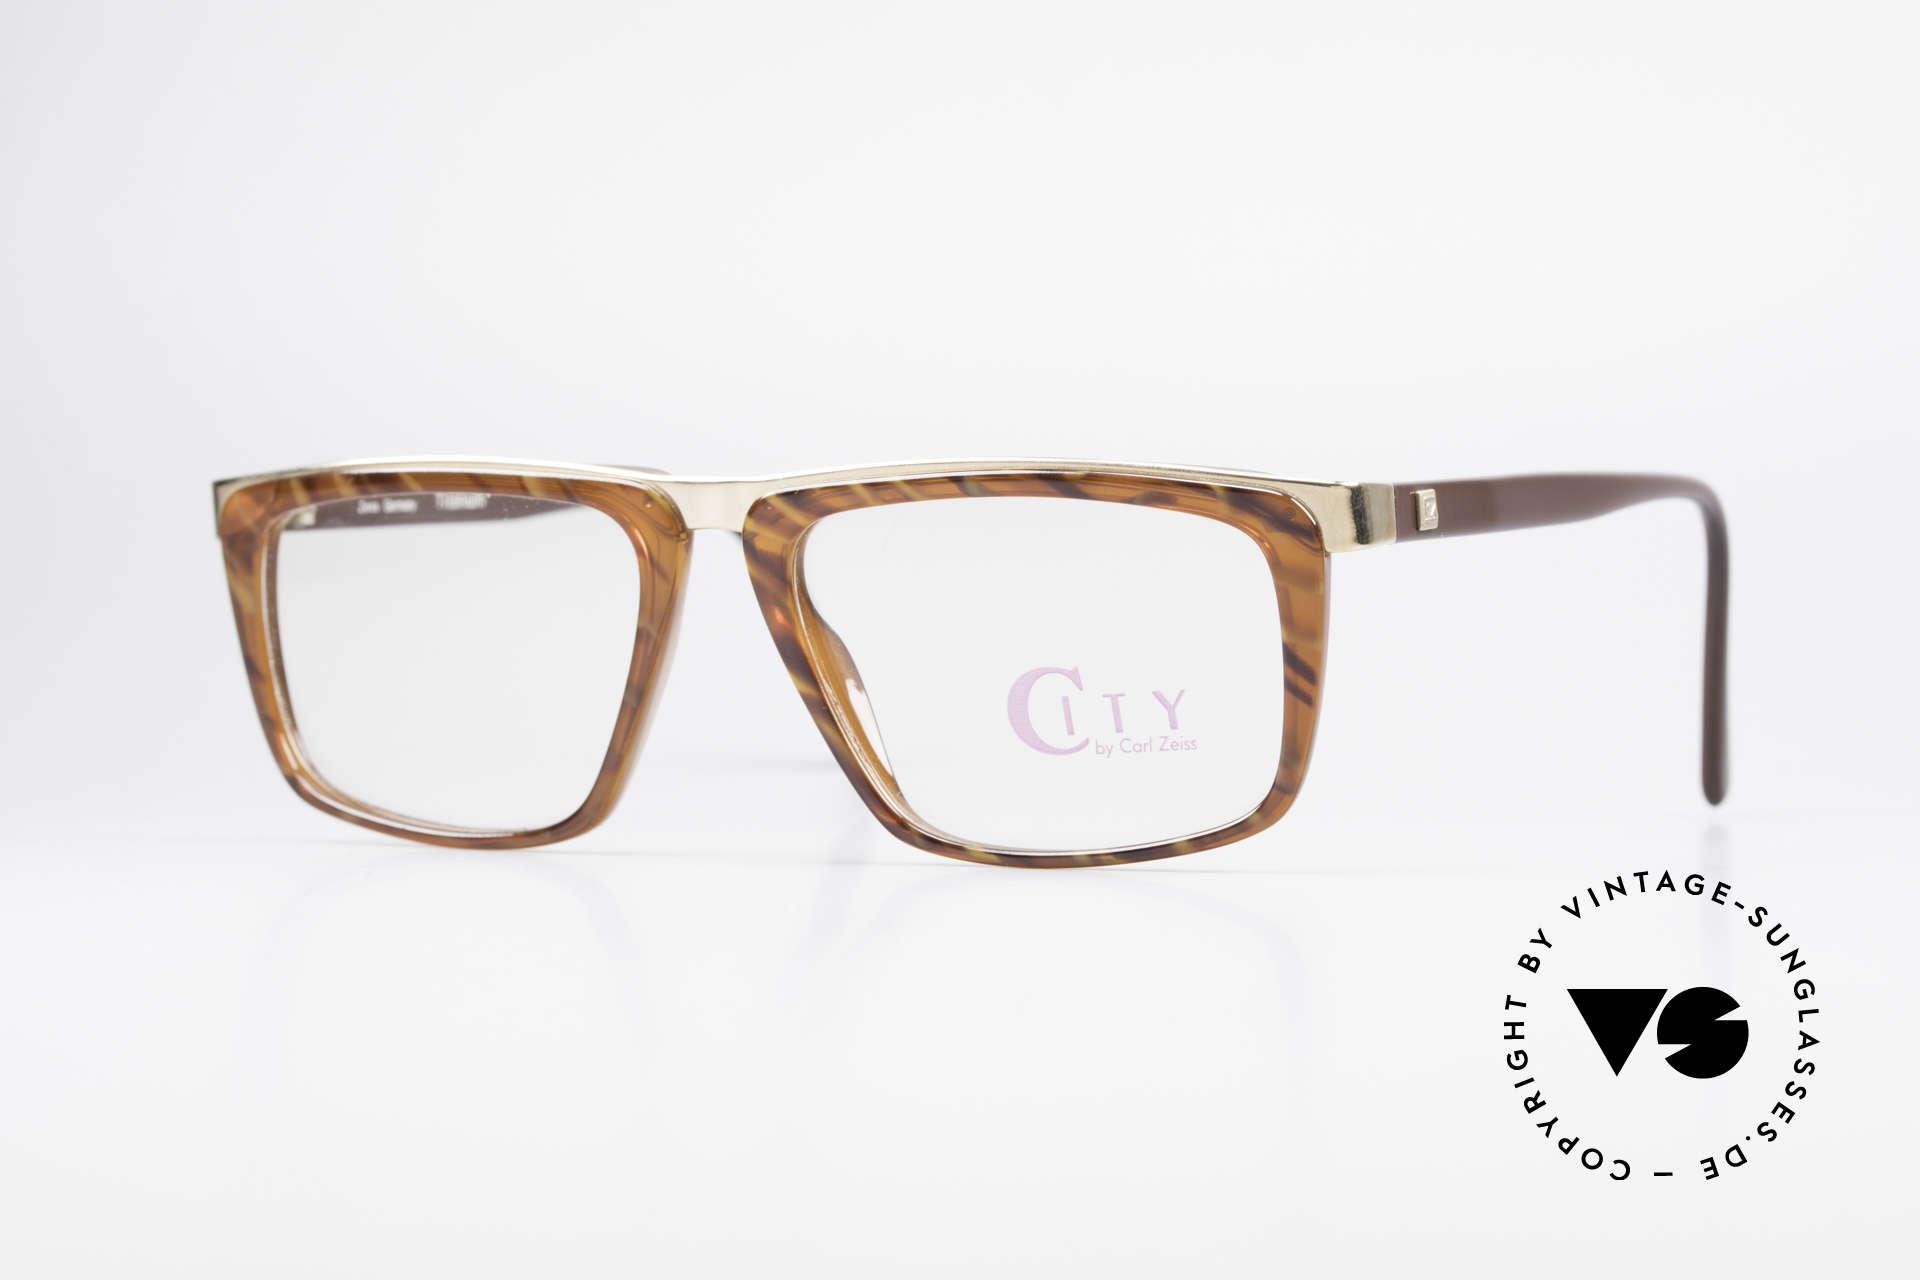 Zeiss 5967 90's Titanium Eyeglasses Men, vintage Zeiss titanium eyeglass-frame from app. 1990, Made for Men